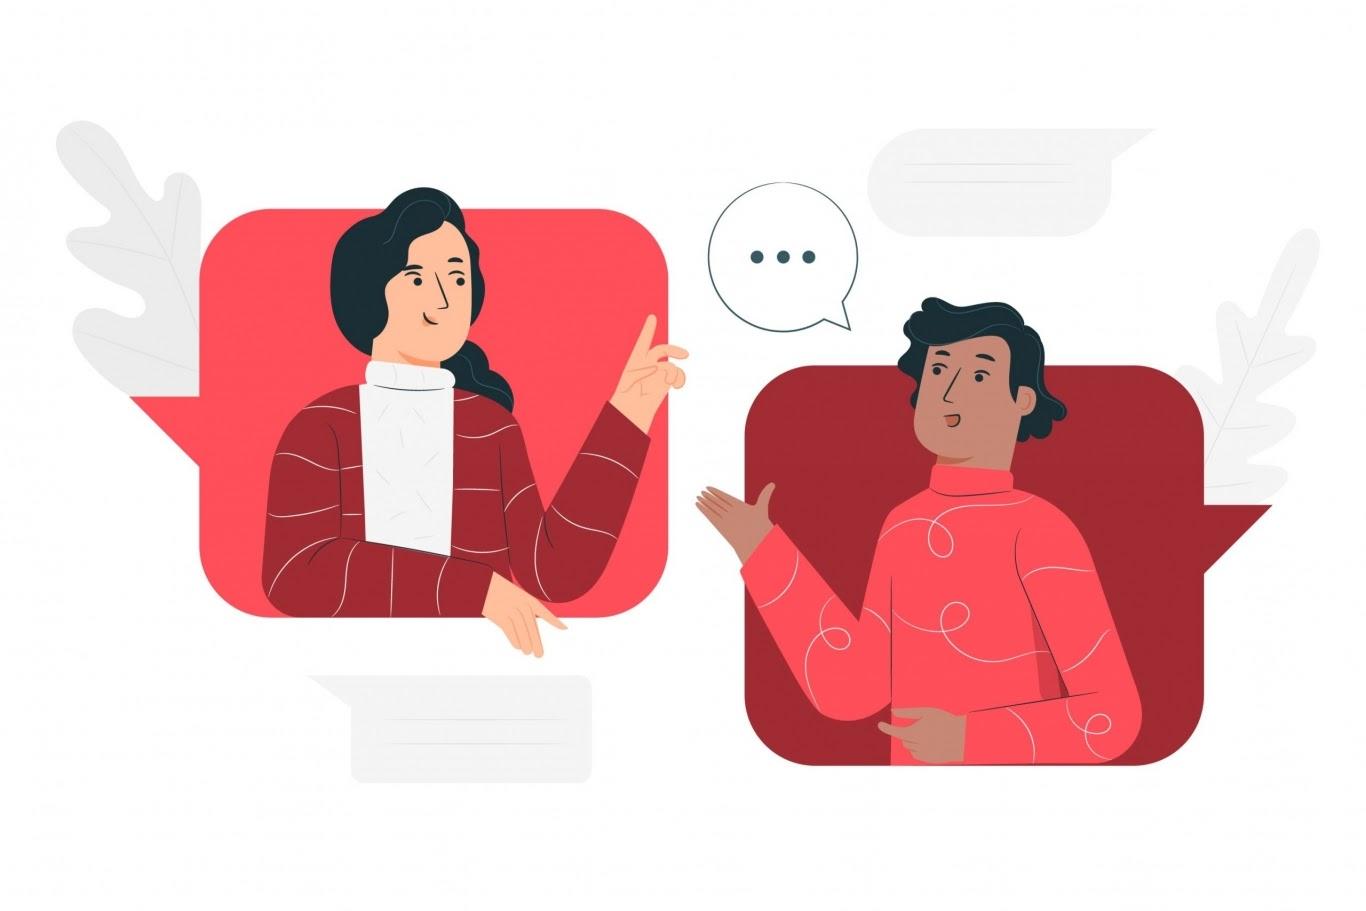 Thái độ lịch sự, thân thiện khi trò chuyện cùng khách hàng khi giao nhận hàng hóa